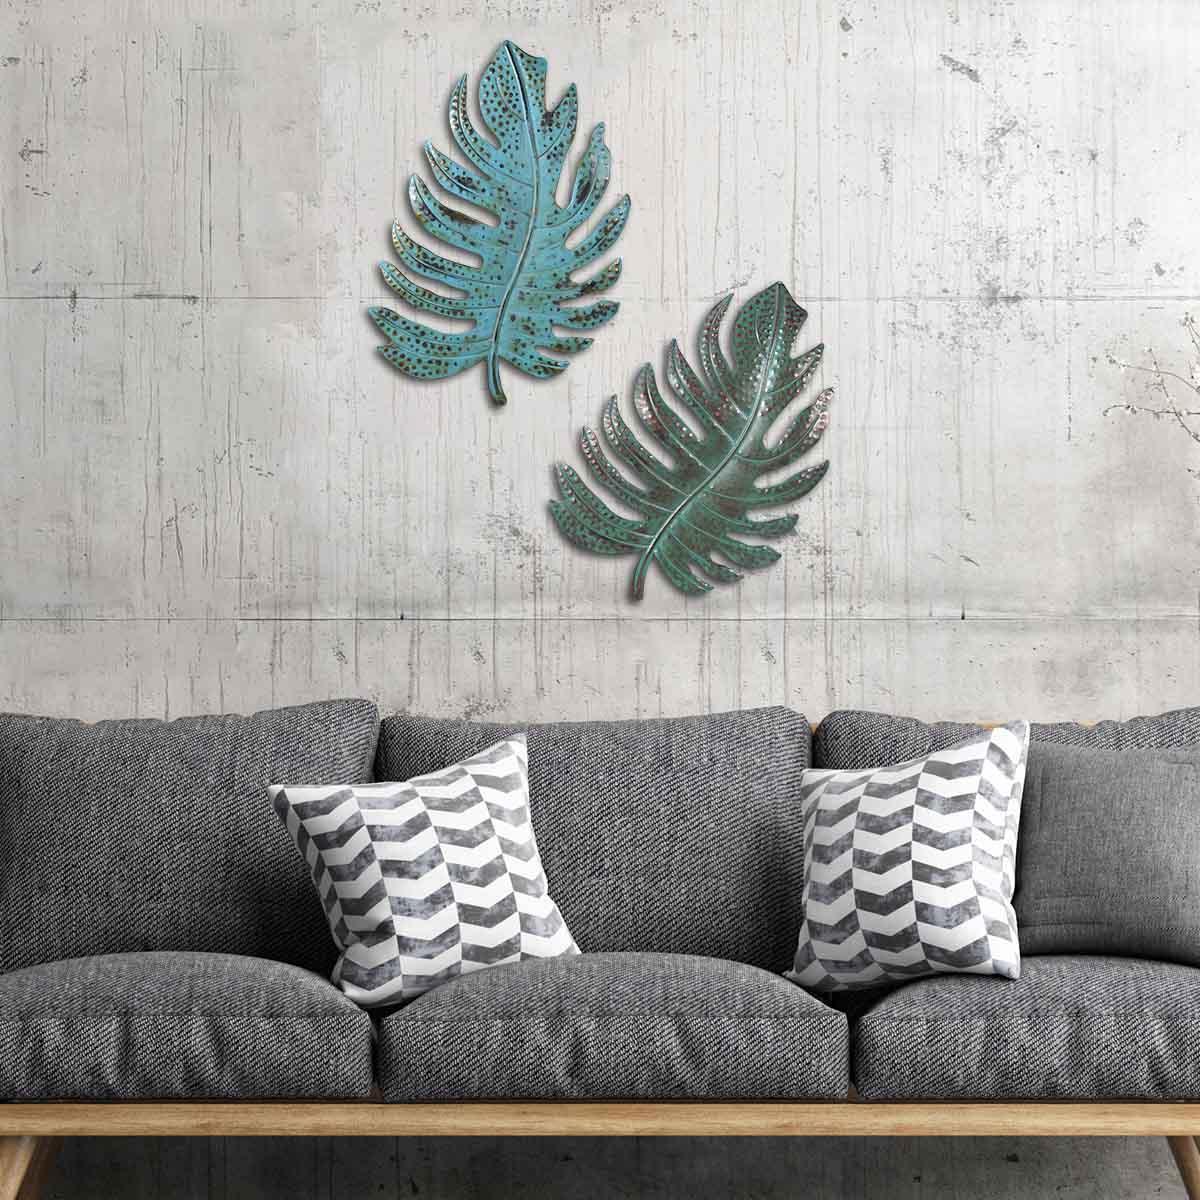 Compre Escultura Wall Decor Folha Verde Folha Metal Wall Art Vintage Rustic Home Office Decor Ornamento Ferro Decoração Vida De Erikaning, $382, (View 14 of 20)